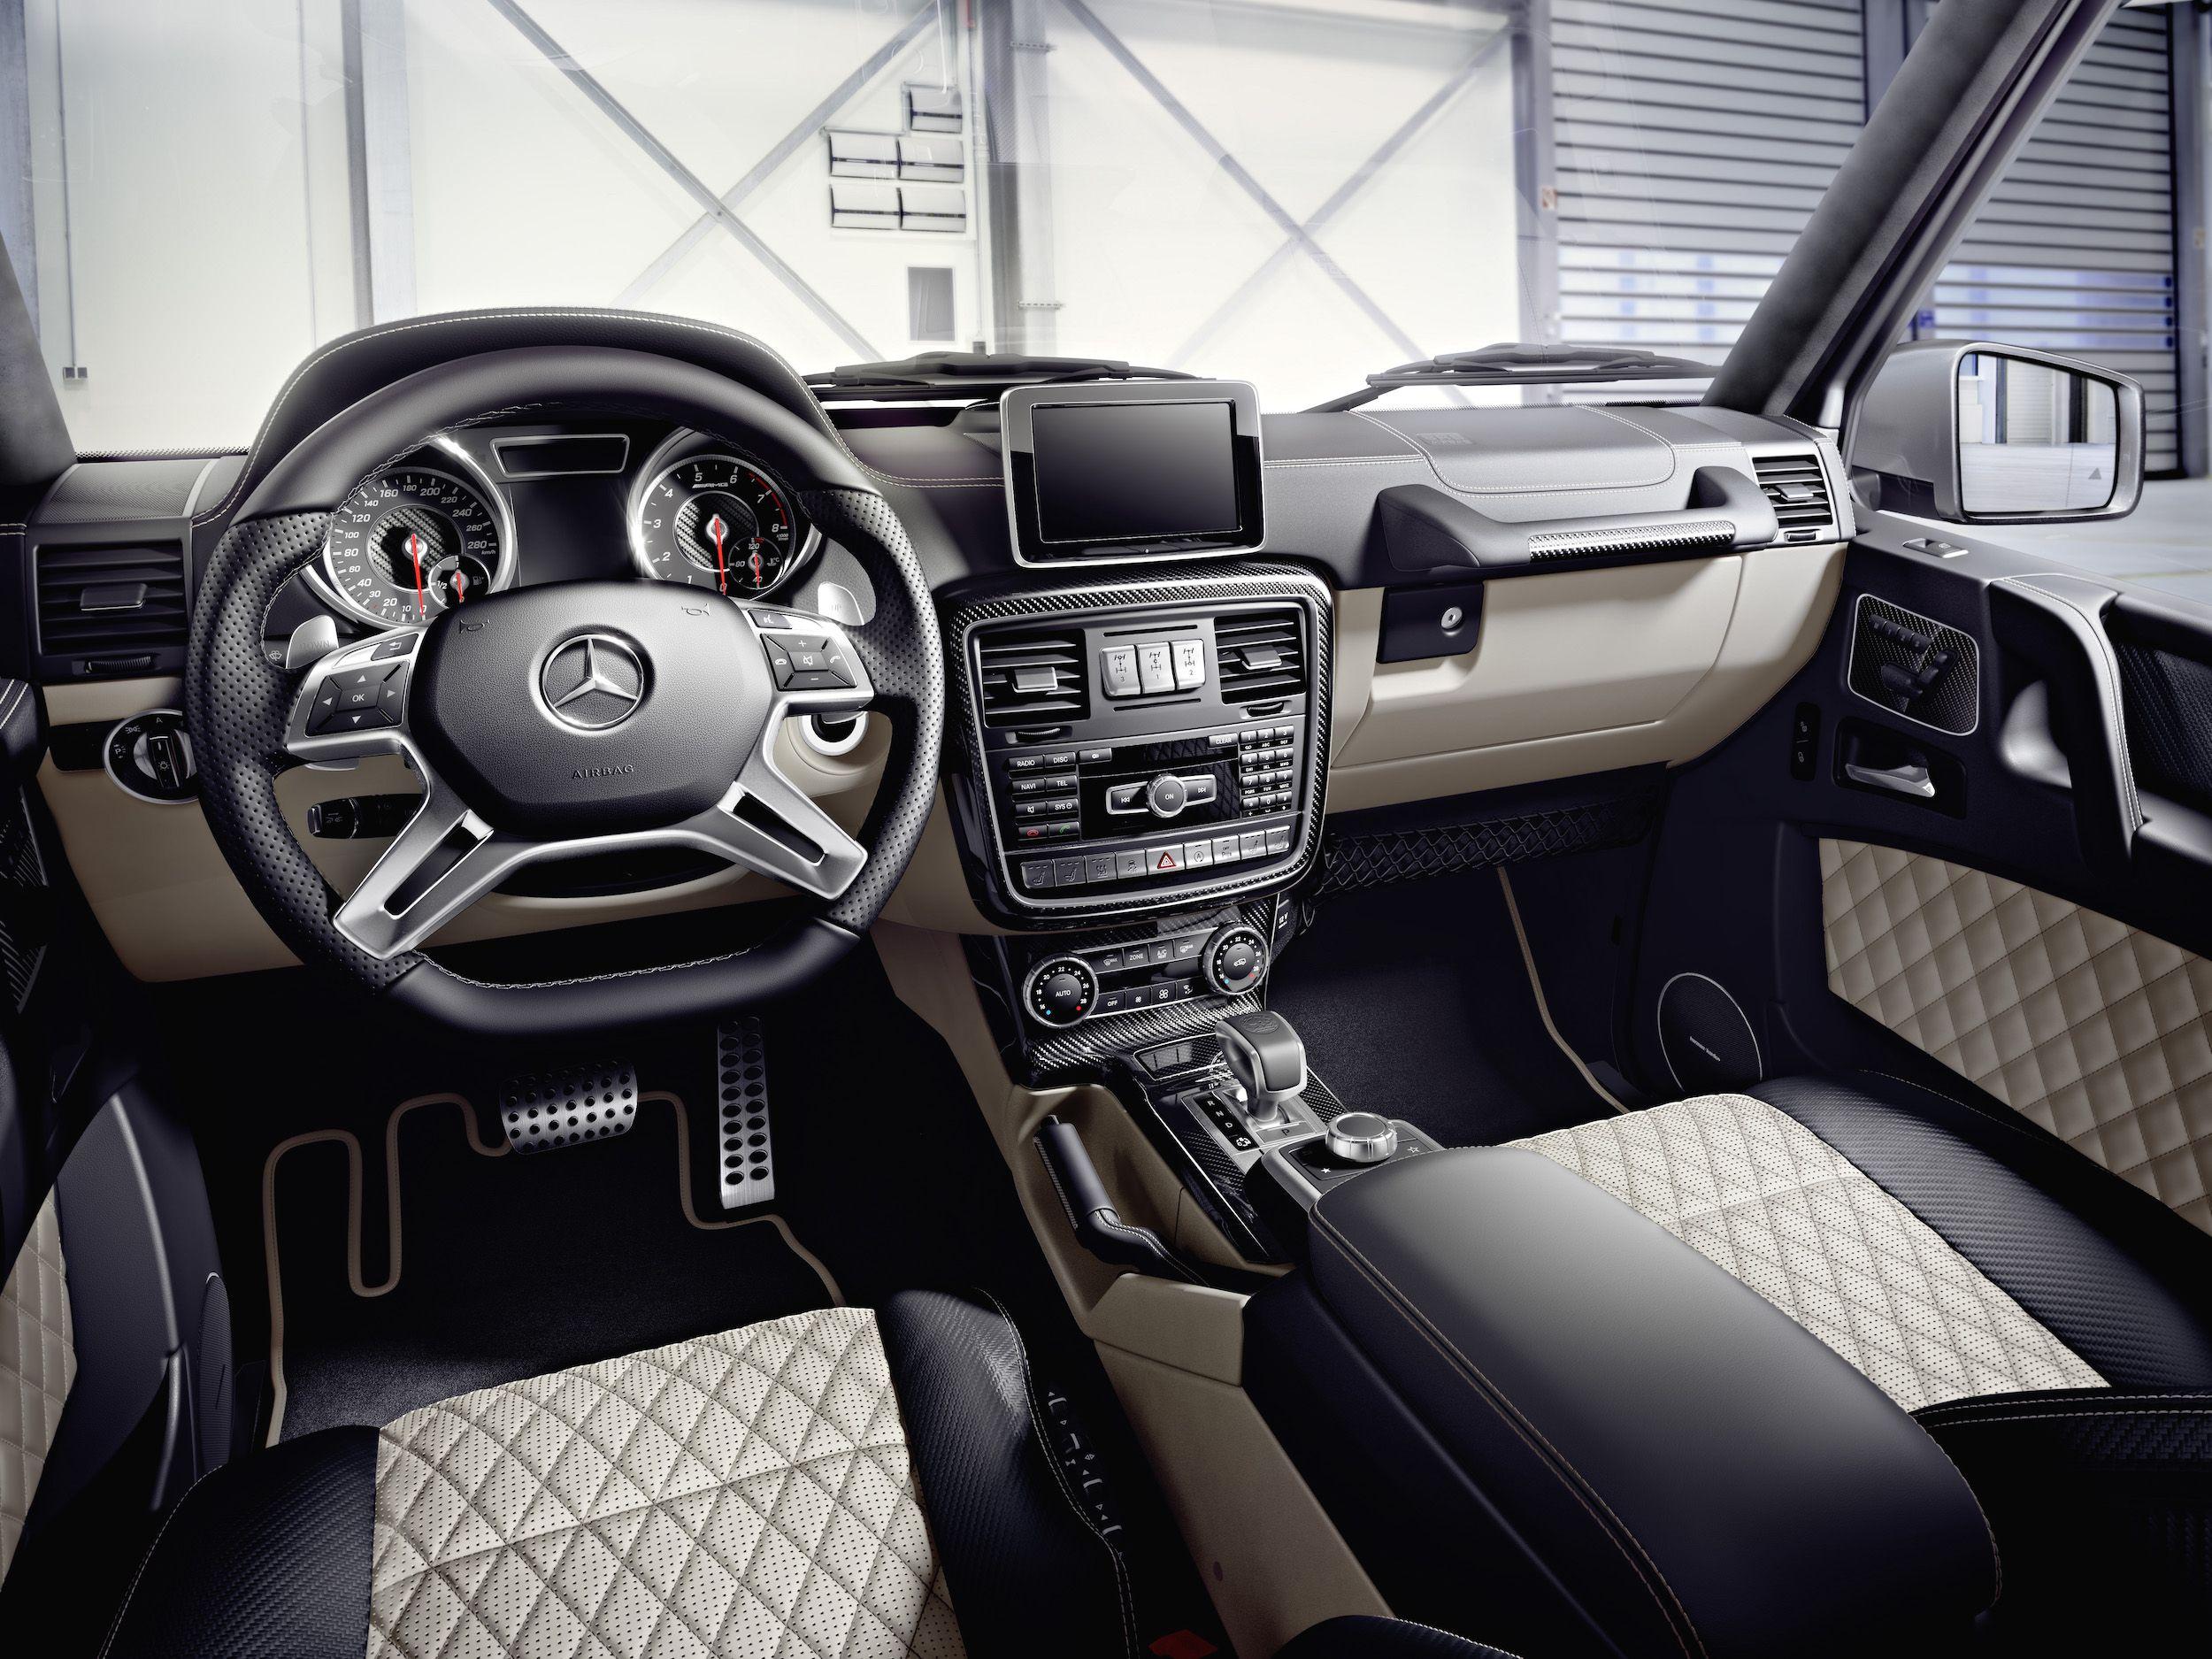 mercedes benz g class br amg g 63 edition interieur designo nappaleder schwarzporzellan zierteile amg carbon interior designo nappa leather - G Wagon Red Interior